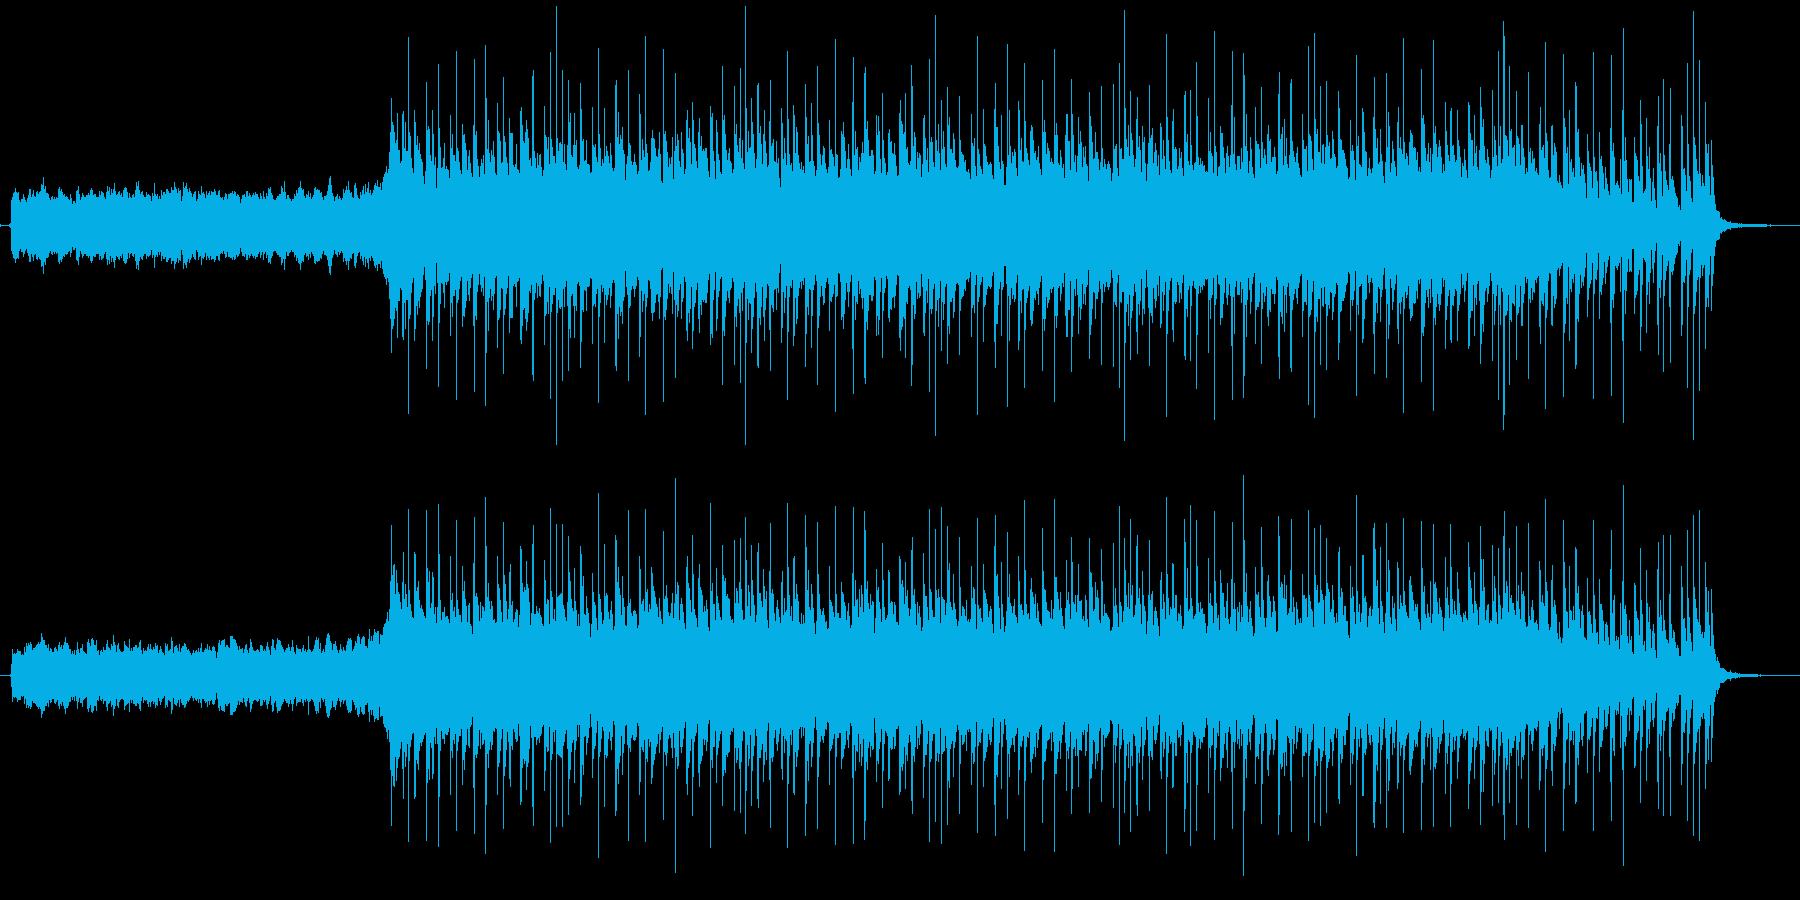 ポップロックで爽やかな雰囲気の曲の再生済みの波形